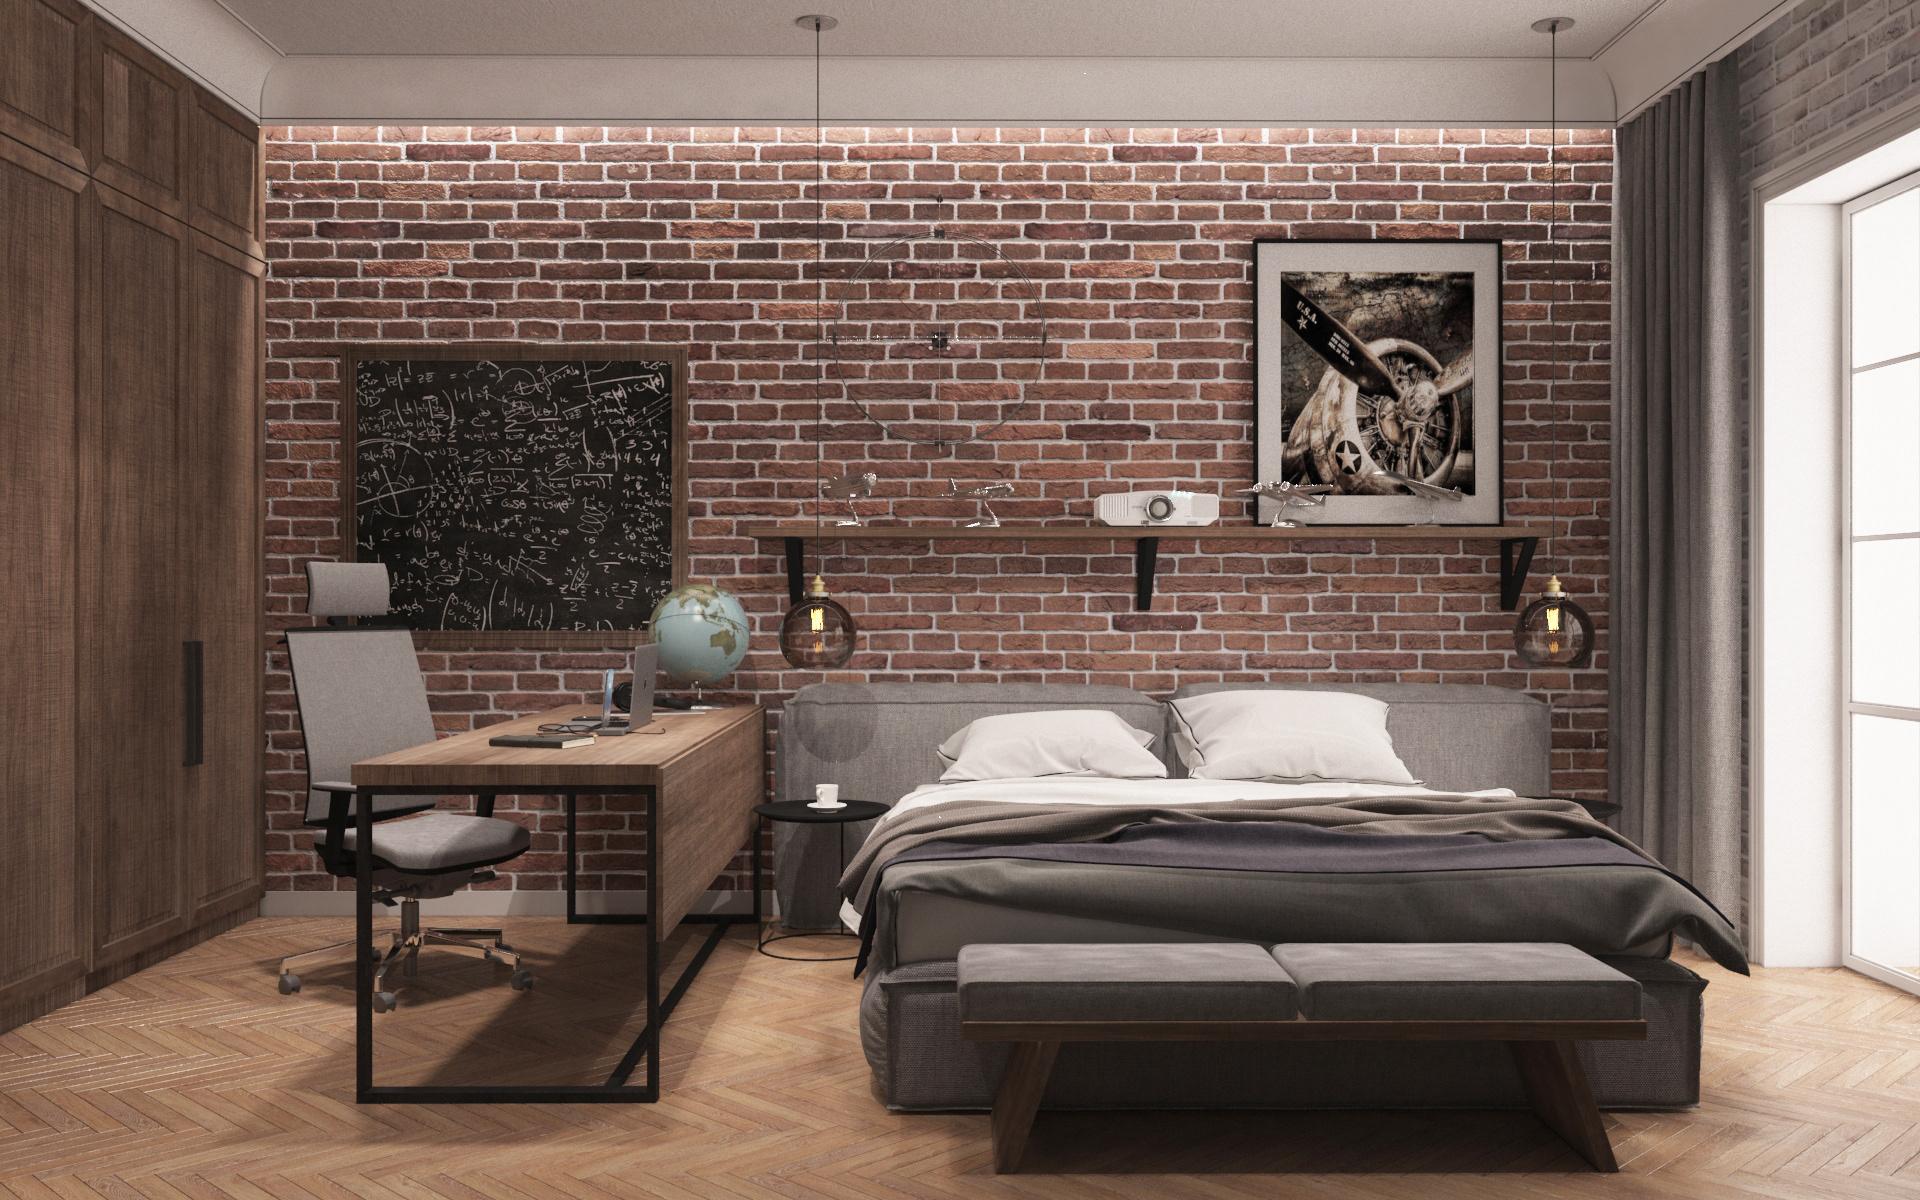 Trang trí nội thất phòng ngủ